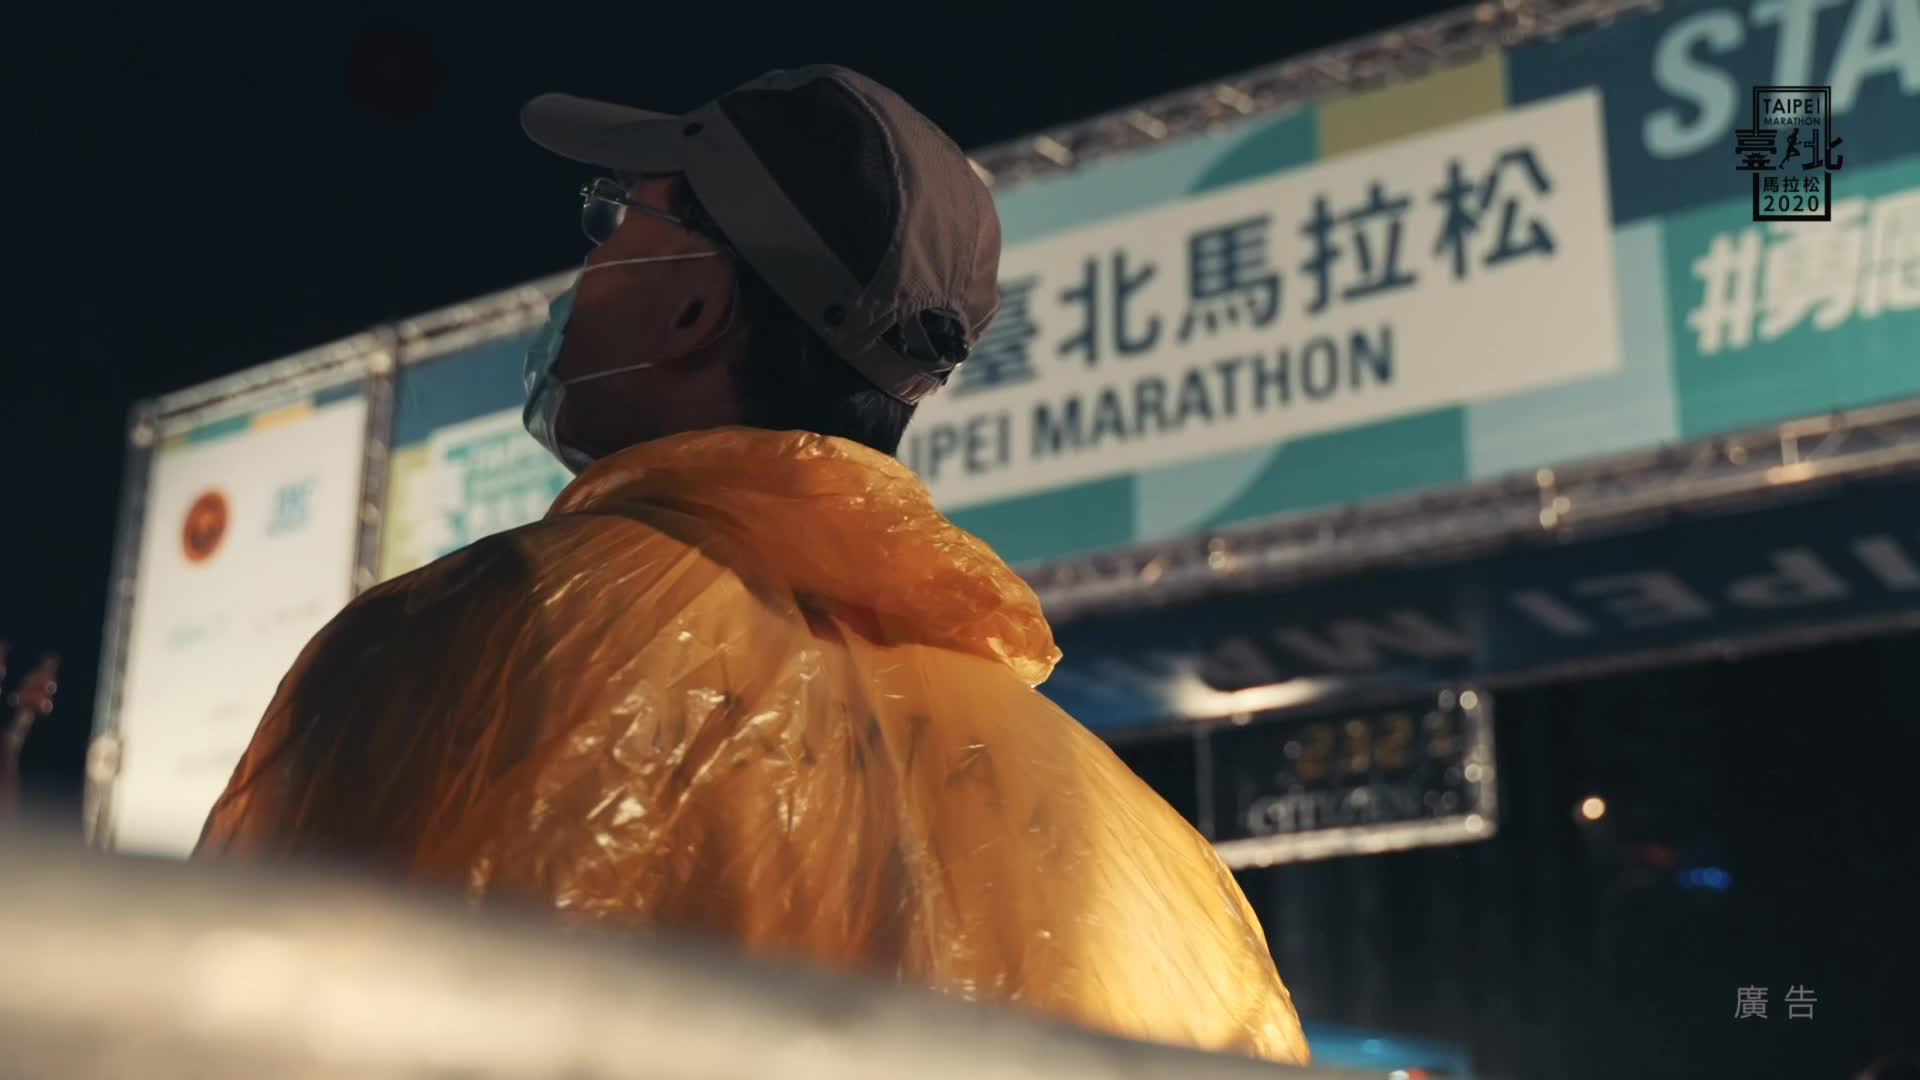 臺北馬拉松宣傳影片